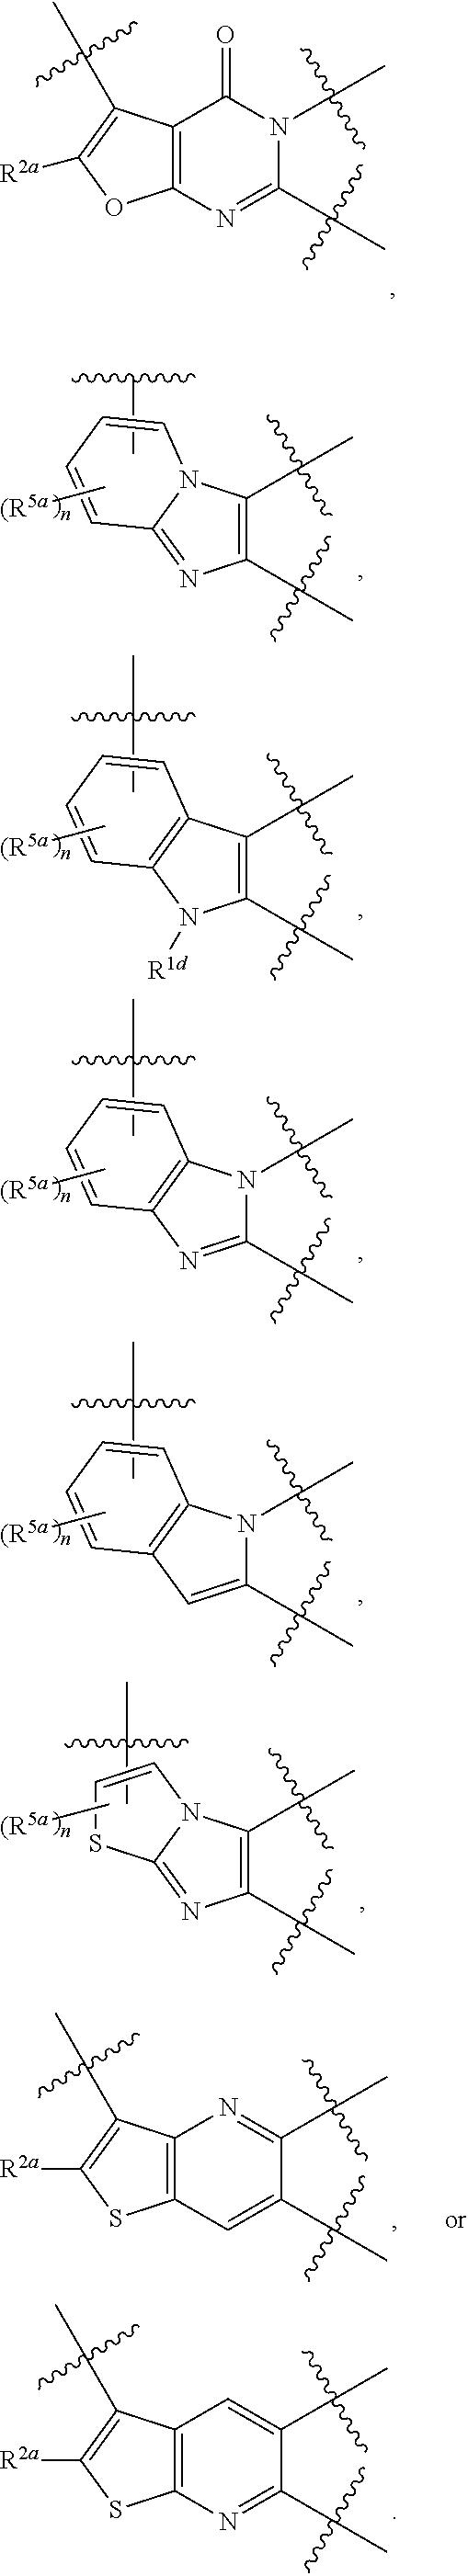 Figure US09708348-20170718-C00094